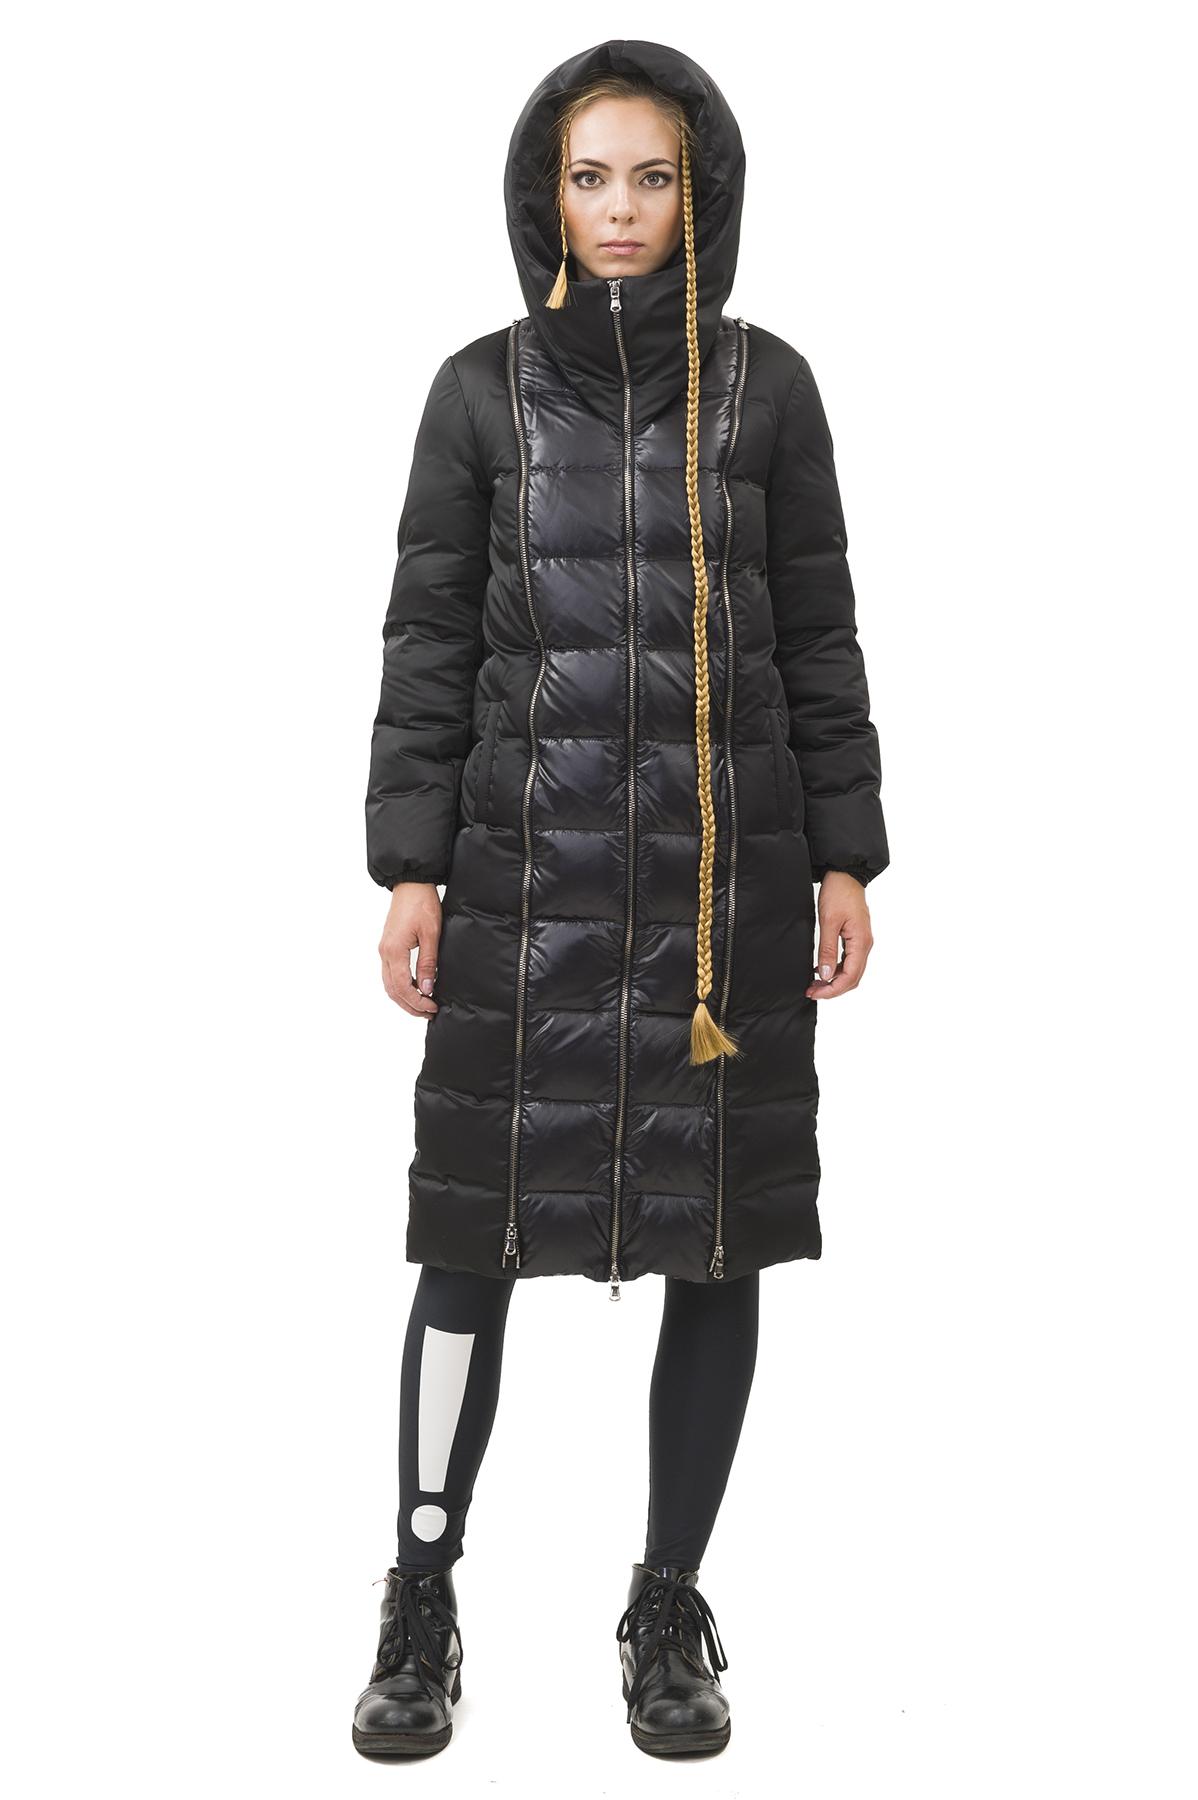 Пальто пуховоеЗимние куртки, пальто, пуховики<br>Пуховик  Pavel Yerokin выполнен из материалов различной фактуры. Особенности: прямой крой, застежка на молнии, капюшон с высокой стойкой.<br><br>Цвет: черный<br>Состав: Материал 1 - Полиэстер - 100%  Материал 2 - Полиэстер - 100% утеплитель: Гусиный пух - 90%, Перо - 10%<br>Размер: 40,42,44,46,48,50,52<br>Страна дизайна: Россия<br>Страна производства: Россия